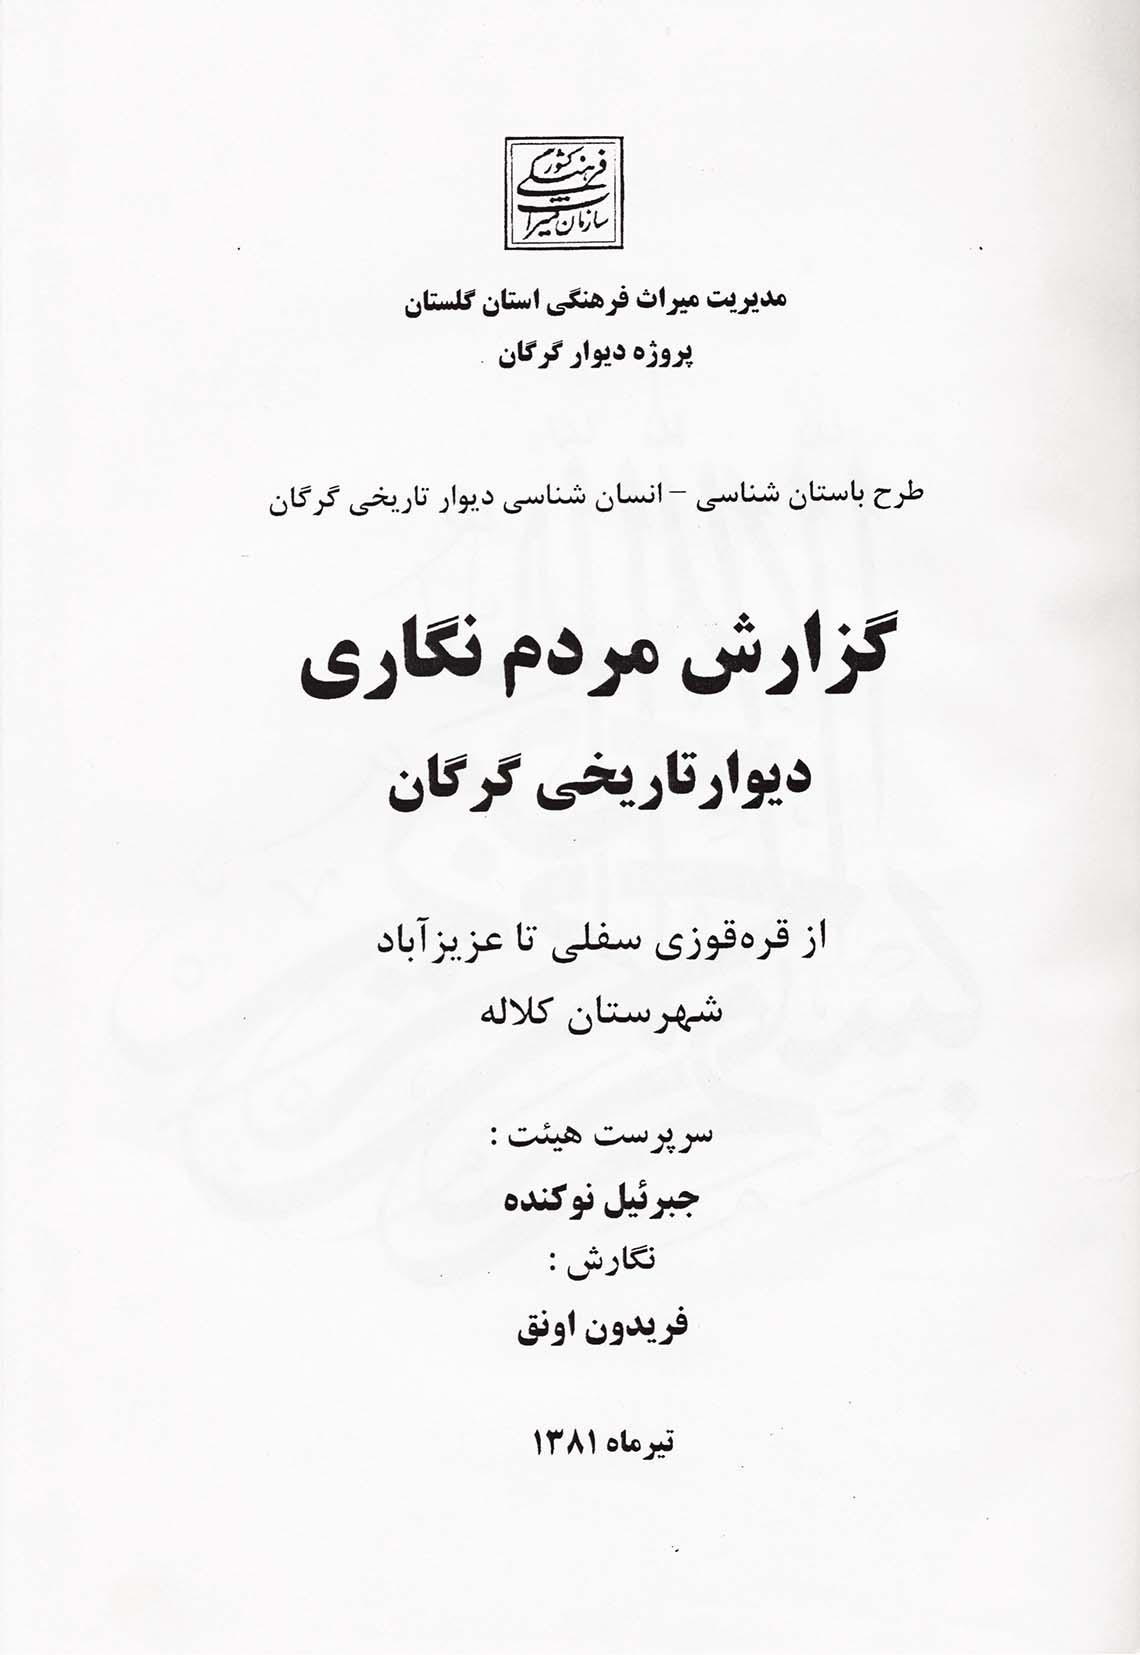 گزارش مرد م نگاری دیوار دفاعی گرگان از قره قوزی سفلی تاعزیز آباد شهرستان کلاله